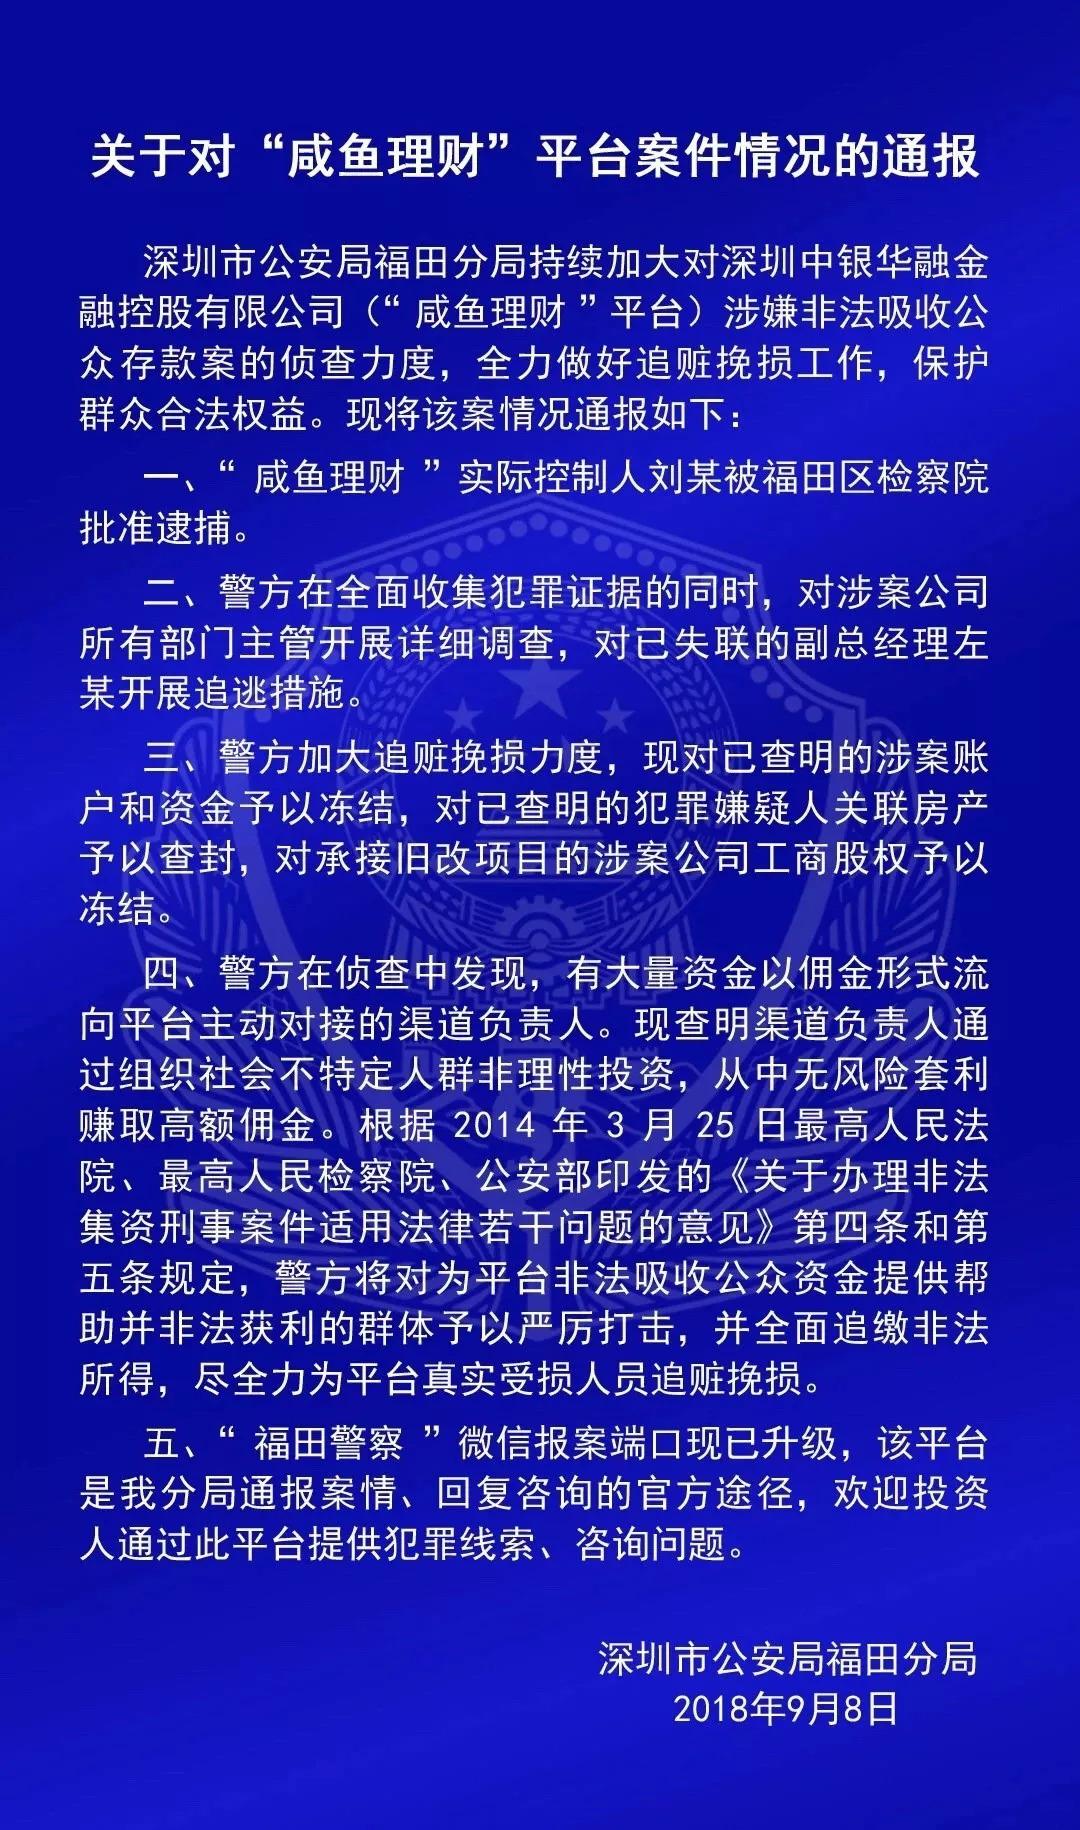 重磅!深圳警方查封房产65套,冻结上亿元资金3